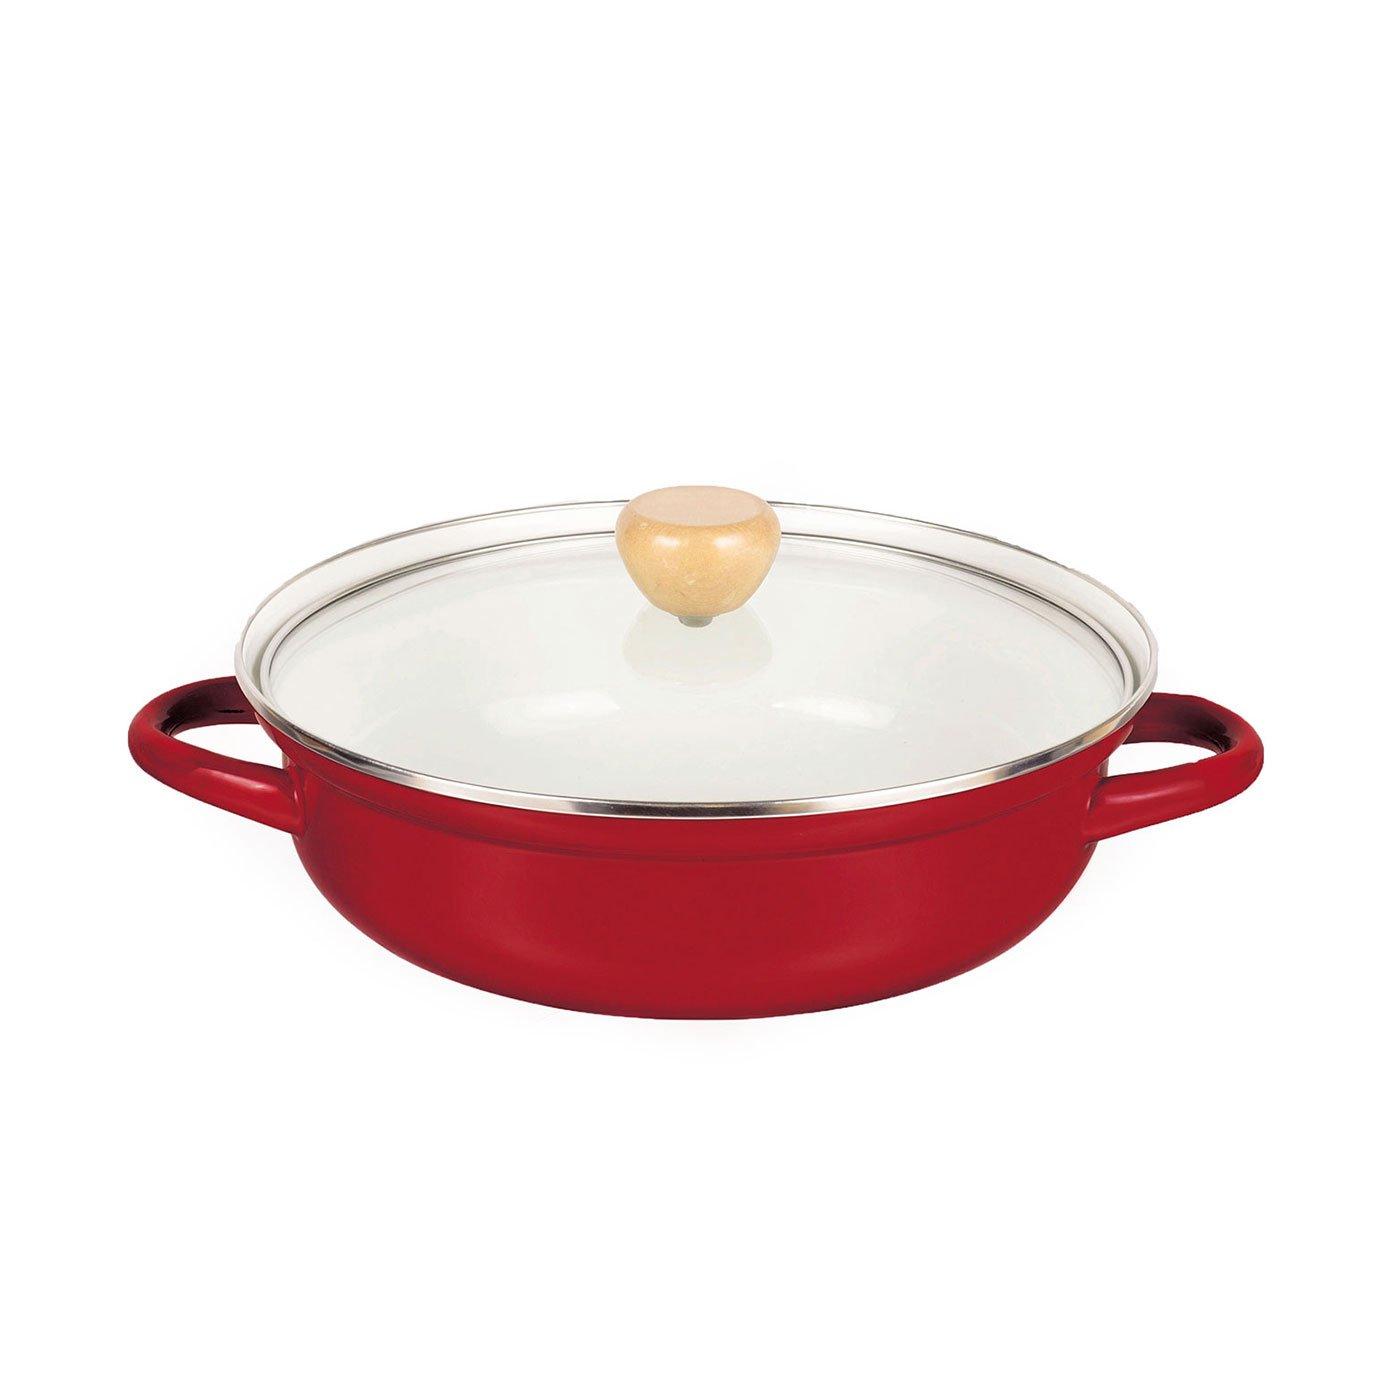 赤色が食卓を彩る ガス火でもIHでも使えるホーロー卓上鍋〈24cm〉